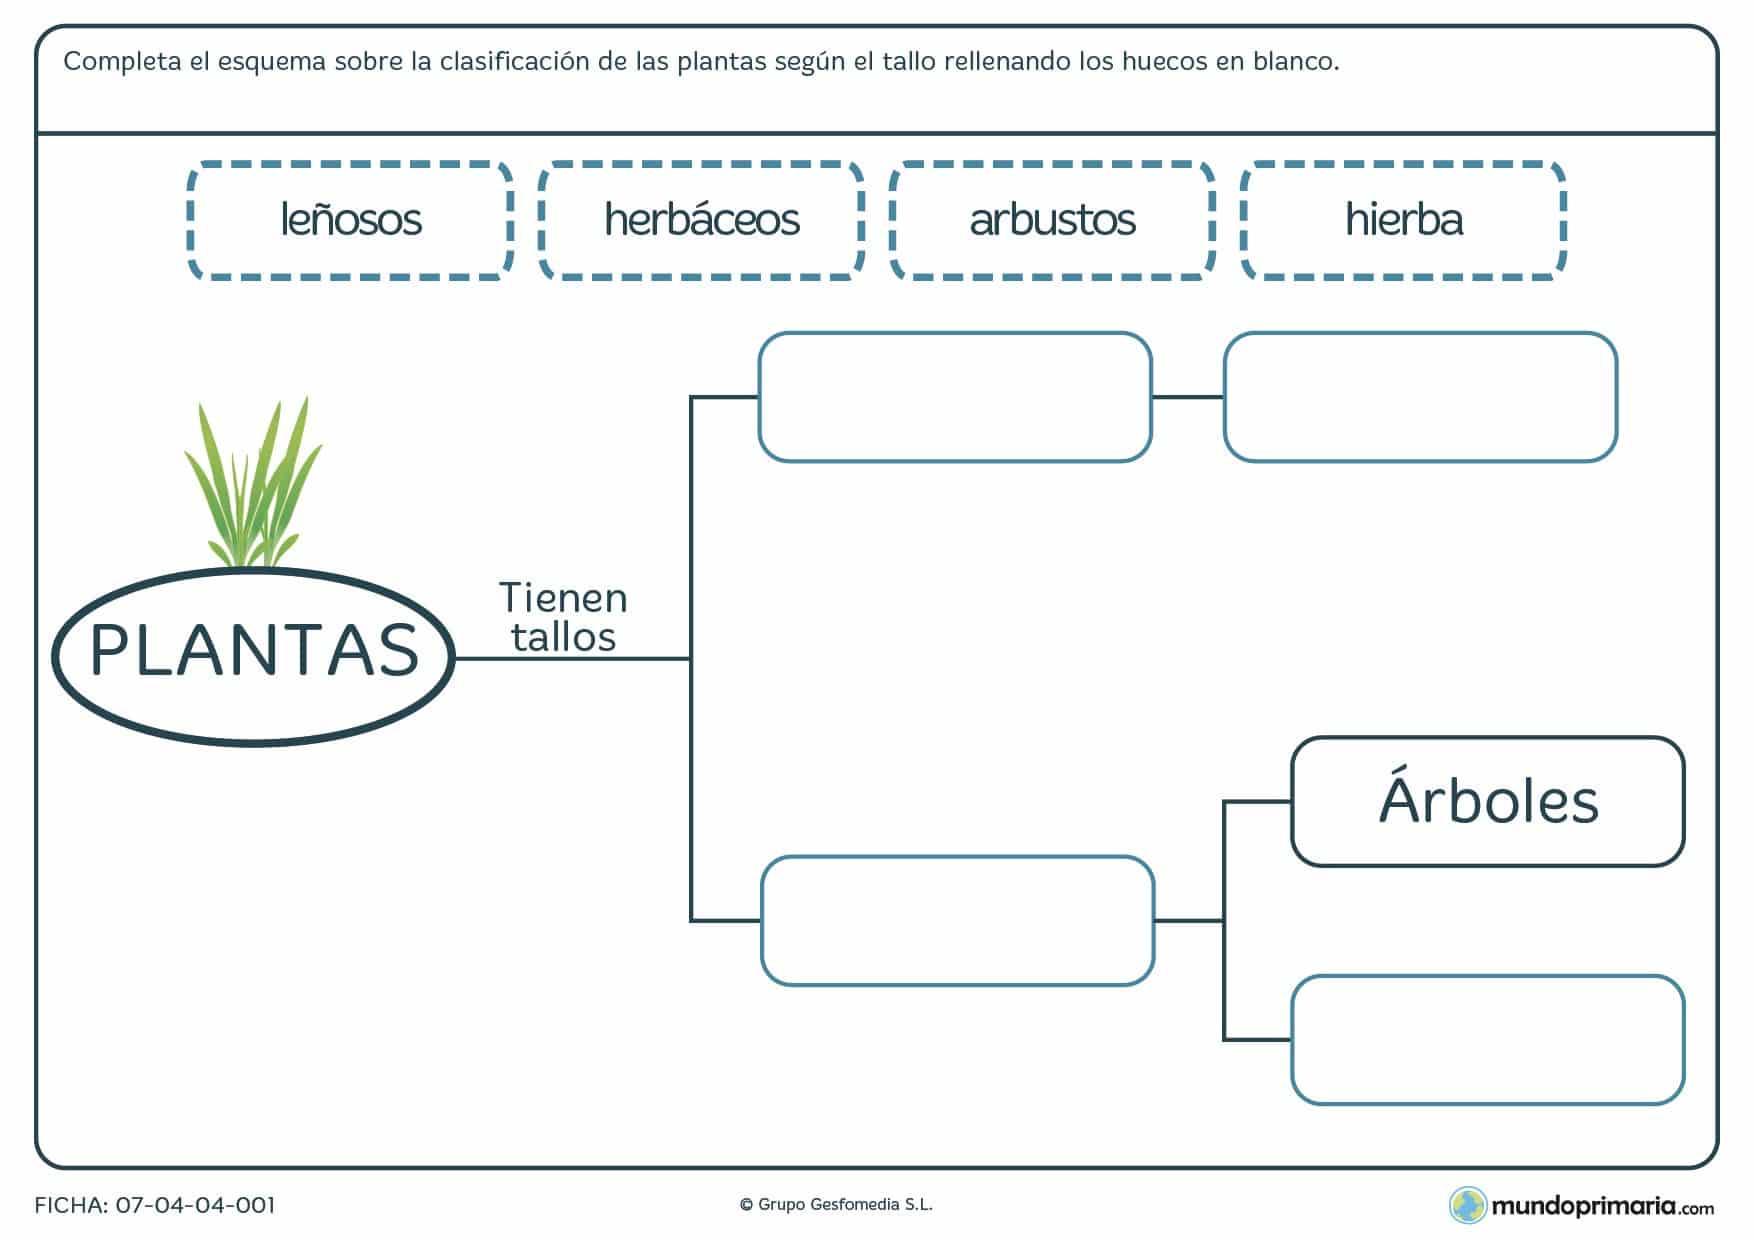 Ficha de plantas seg n su tallo para primaria - Fichas de plantas para ninos ...